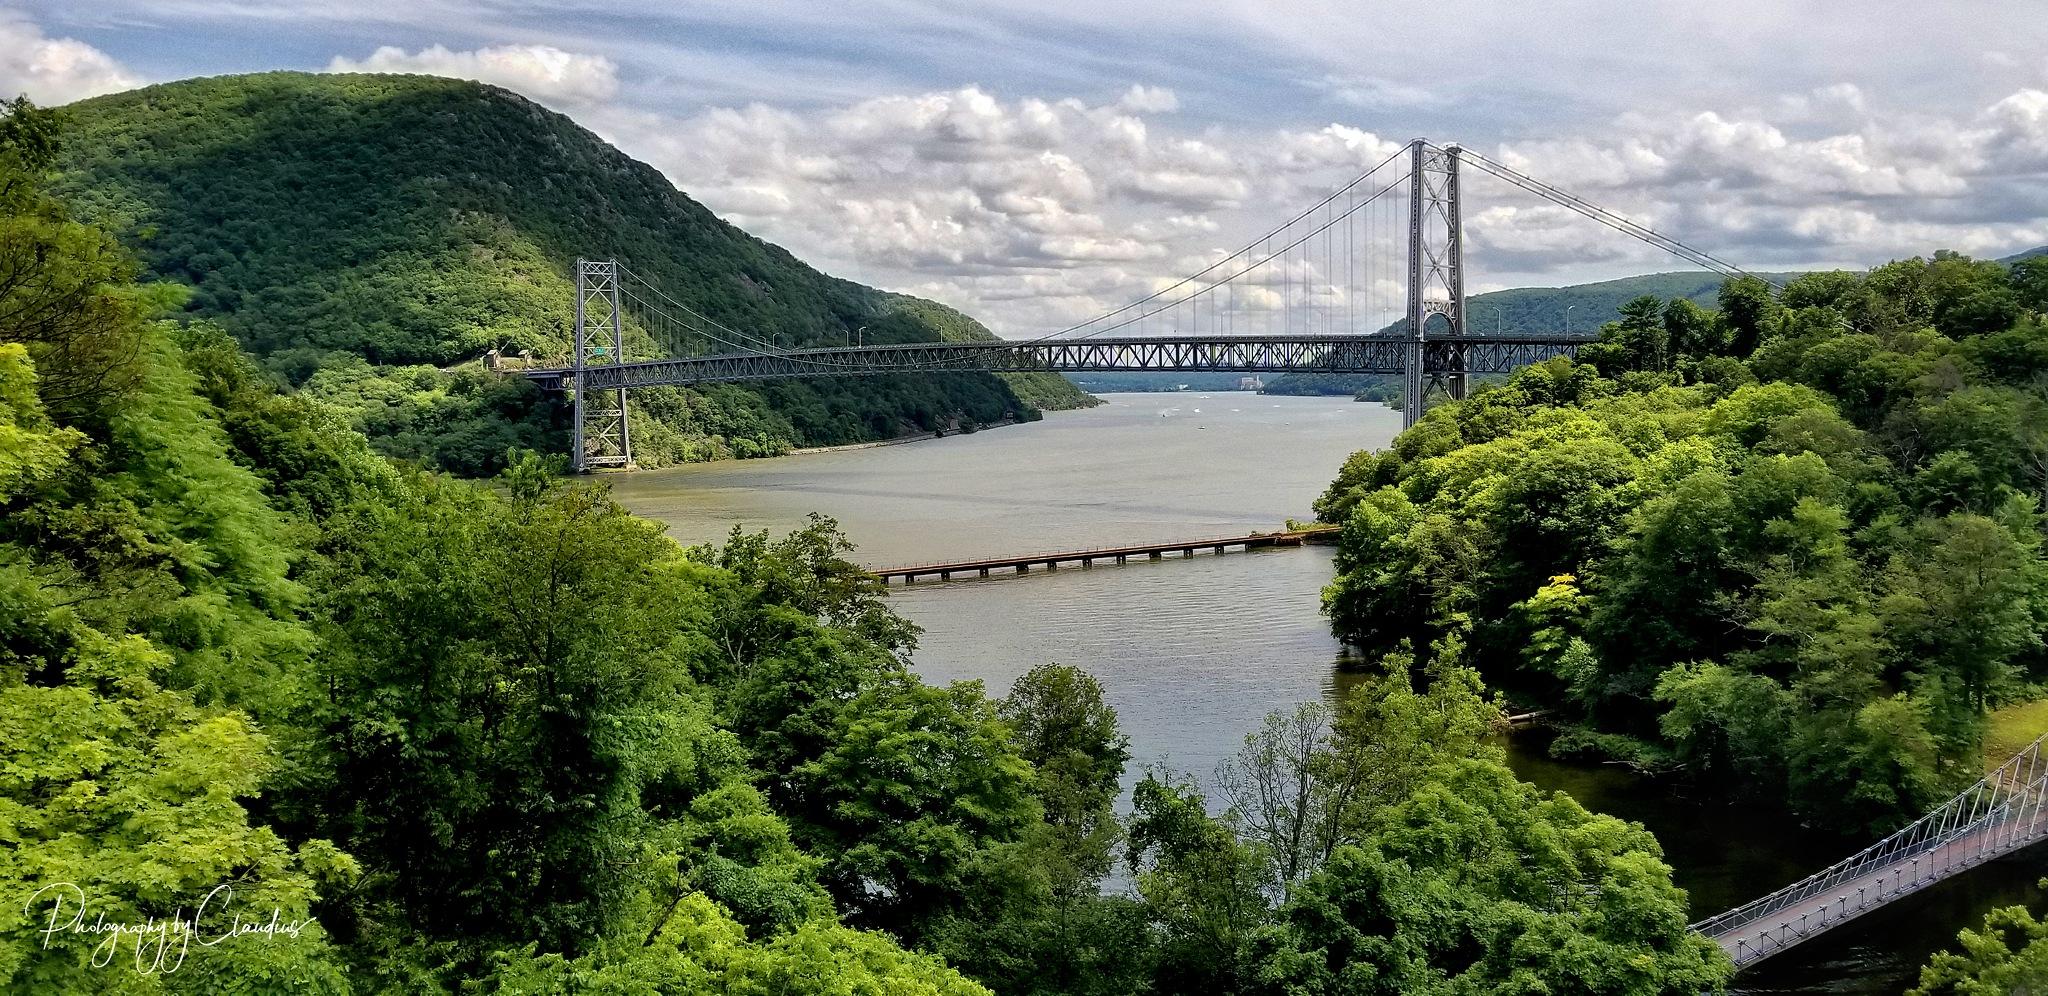 The Bear Mountain Bridge, Bear Mountain, NY by Claudius Cazan